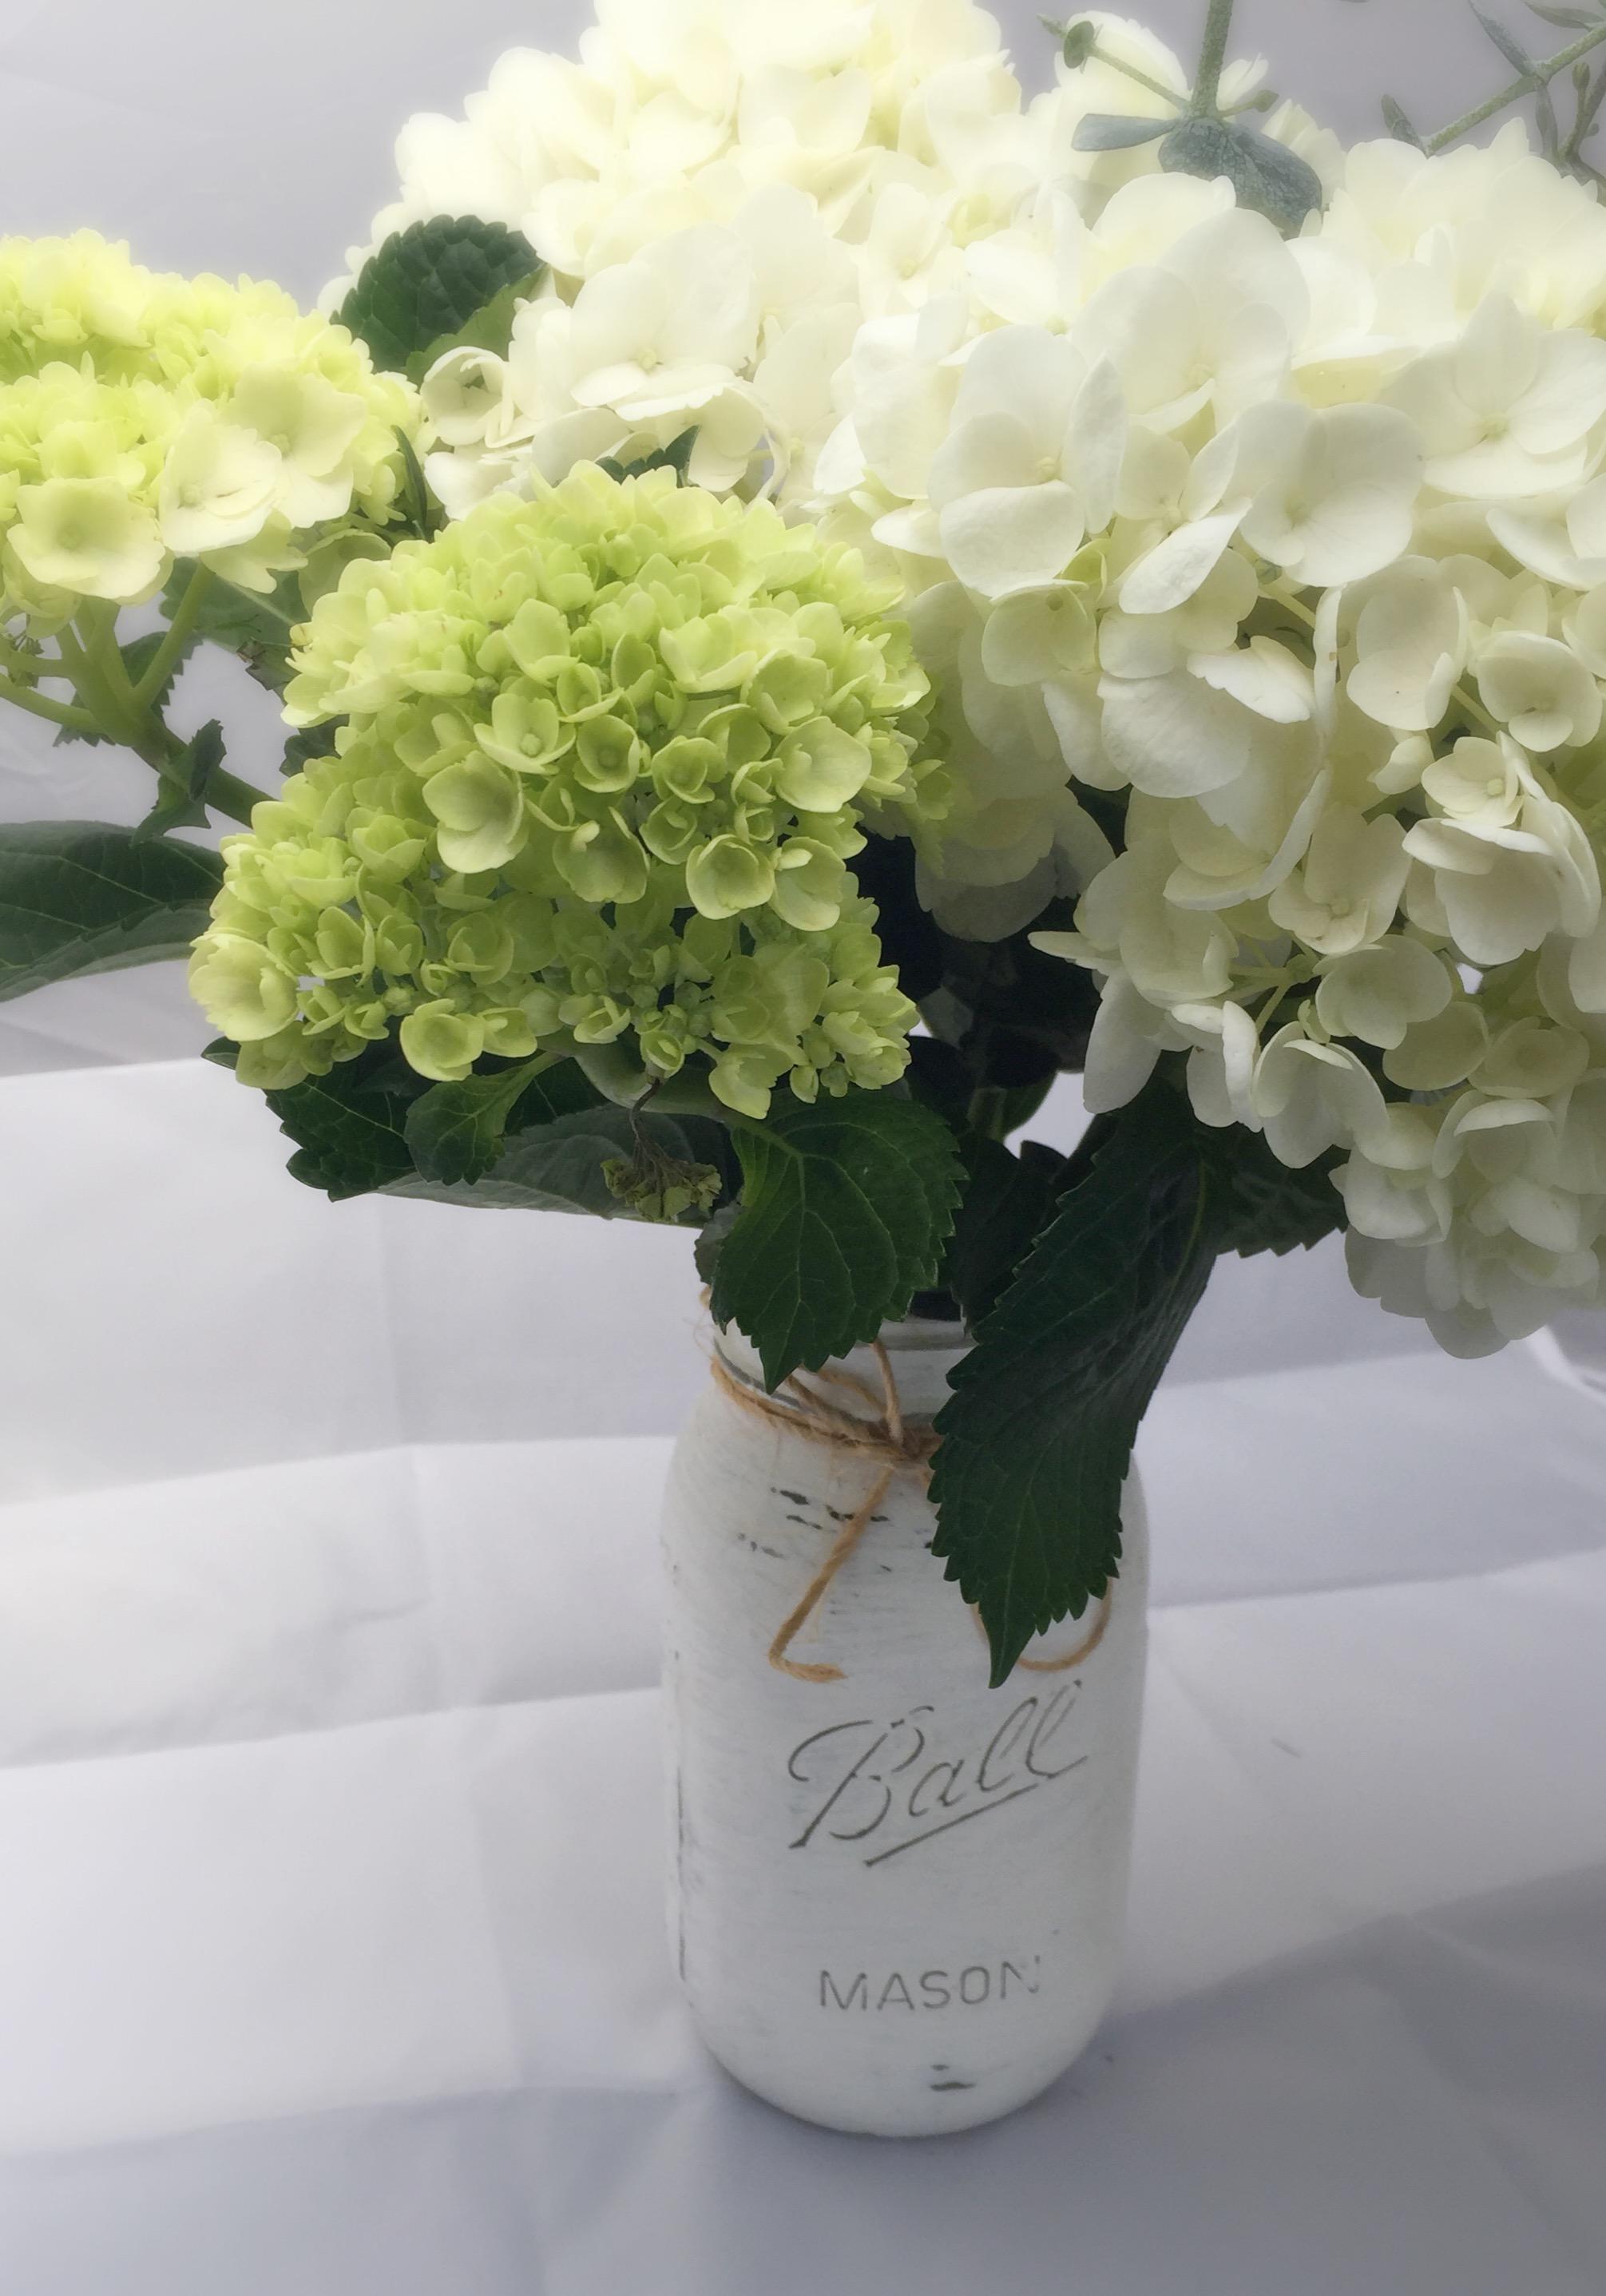 White Chalk Paint Mason Jar & Hydrangeas by www.mylifefromhome.com